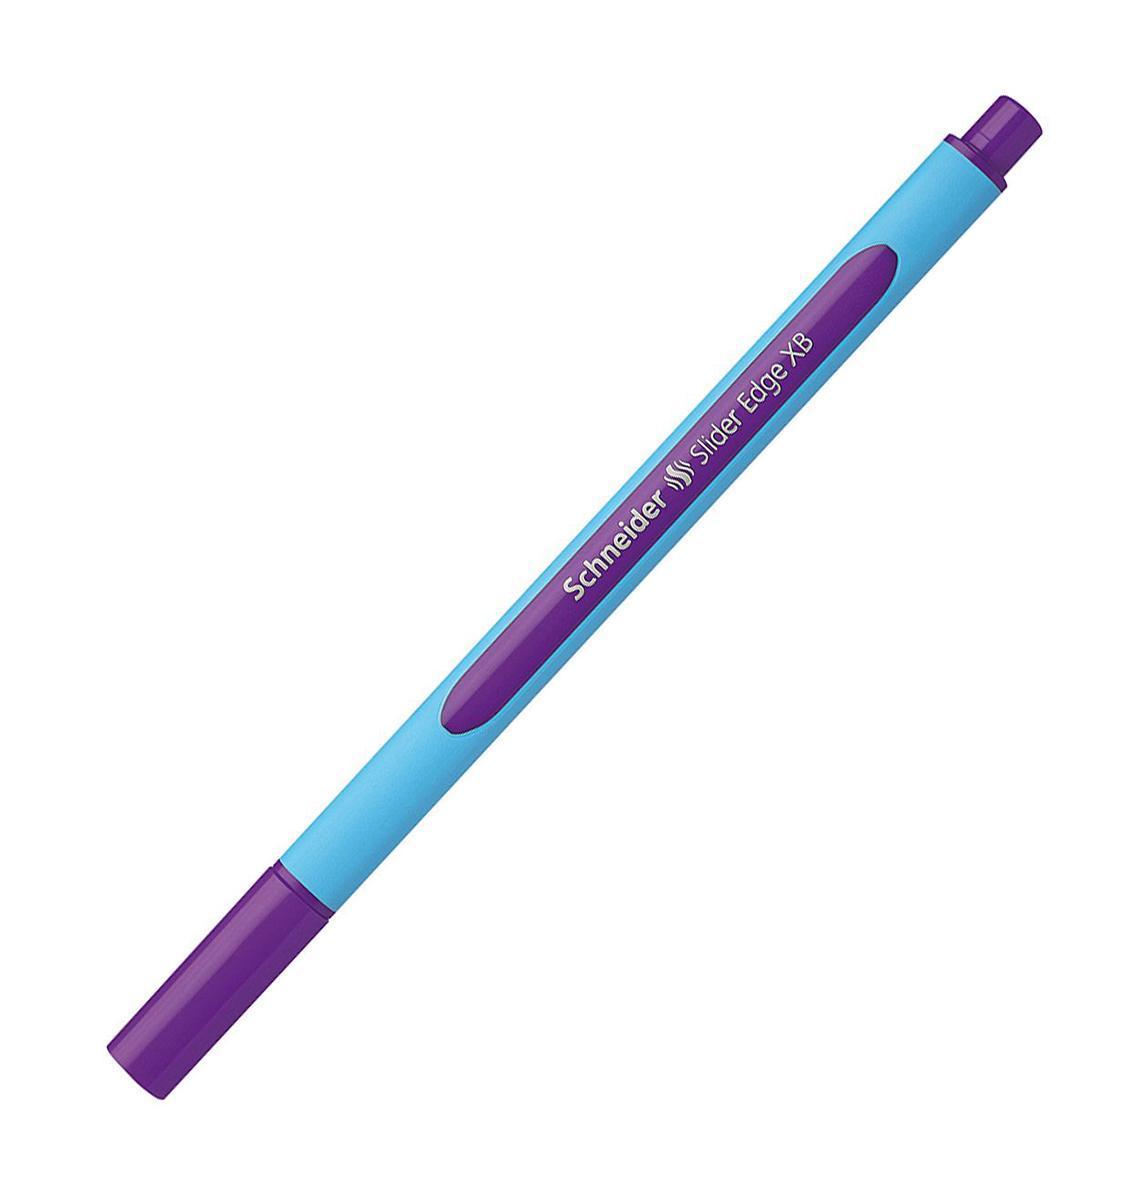 Ручка шариковая Slider Edge, XB - 1,0 мм, фиолетовый цвет чернил.S152208 S1522-01/8